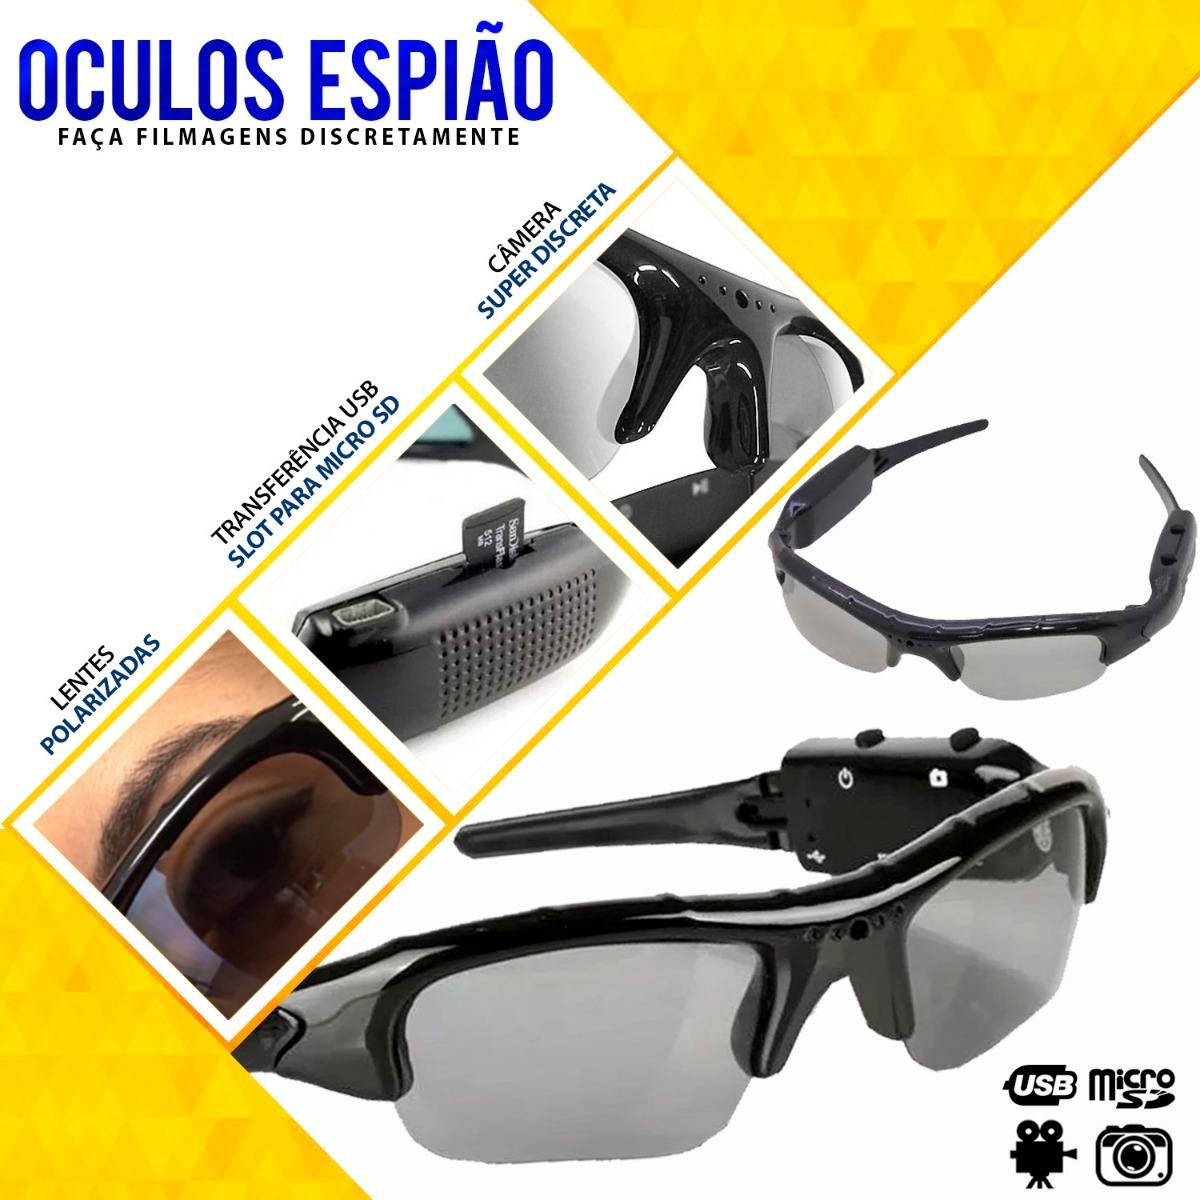 102bdbbe8 Óculos Câmera Espiã Espião Filma Hd Discreto Detetive - R$ 79,99 em ...